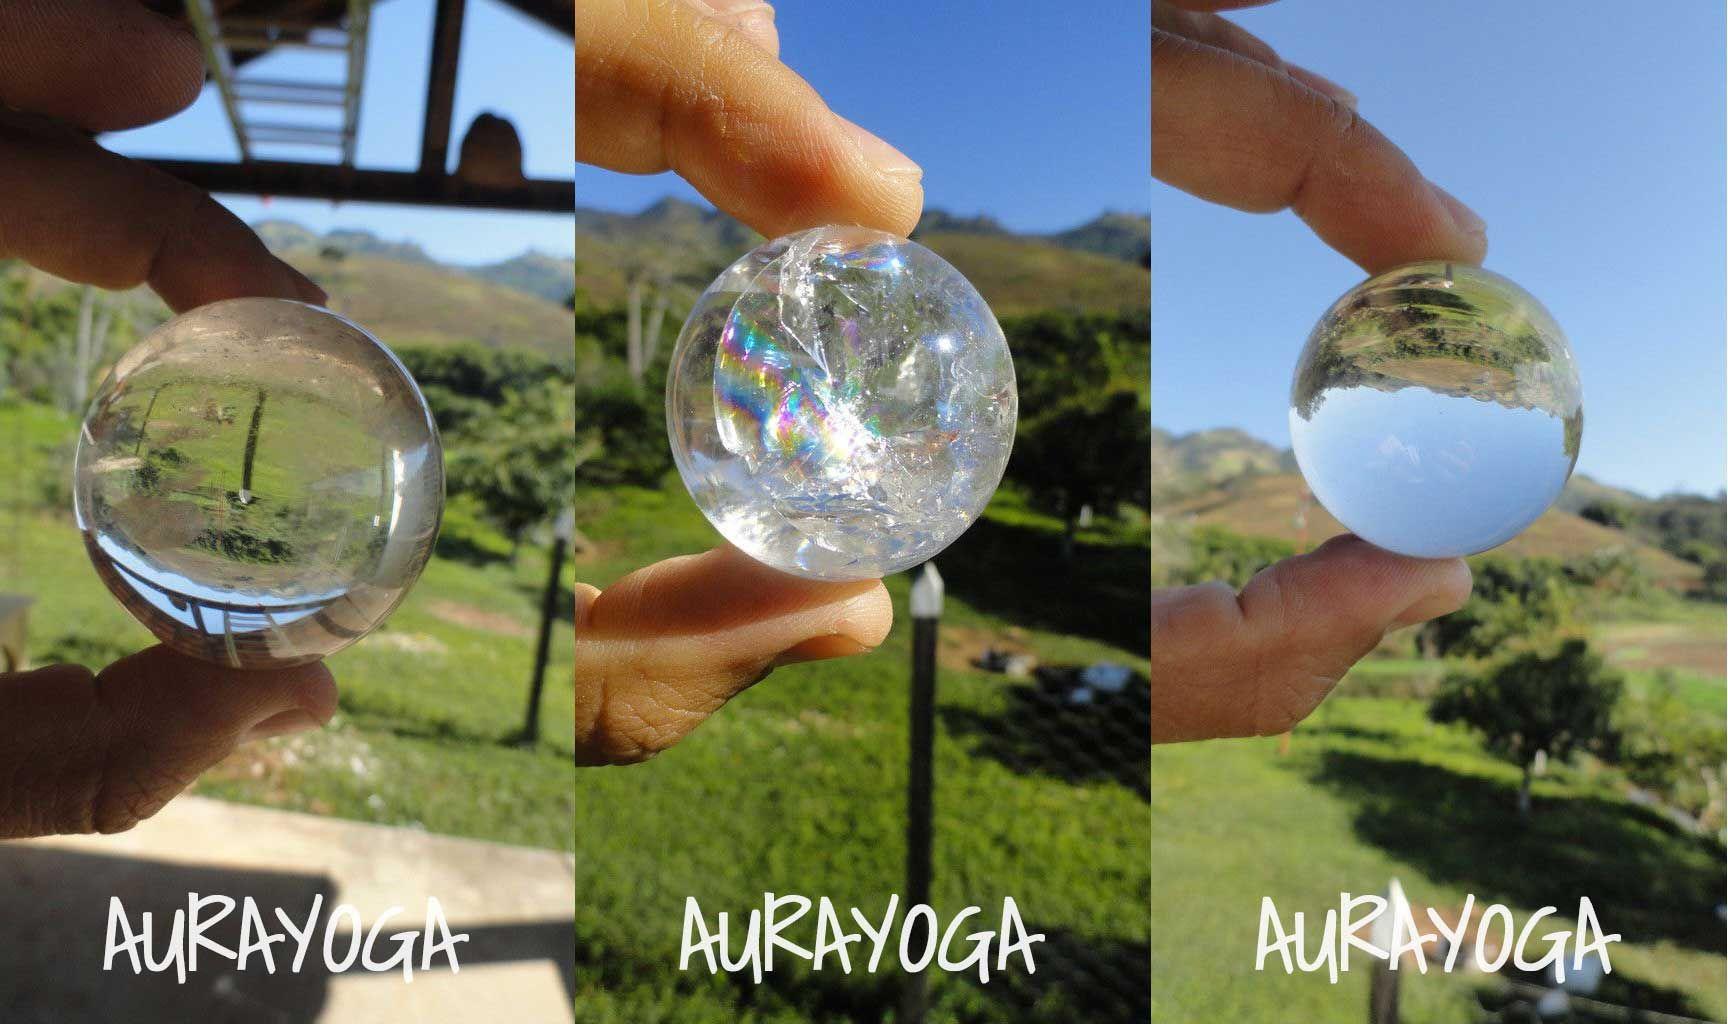 Om de hoogst mogelijke kwaliteit van Lemurische kristallen in Nederland te kunnen bieden, zijn alle kristallen individueel geselecteerd en persoonlijk goedgekeurd door AURAYOGA. Indien u interesse heeft in een Lemurisch kristal, dan kunt u contact opnemen via http://www.aurayoga.nl/contact/.